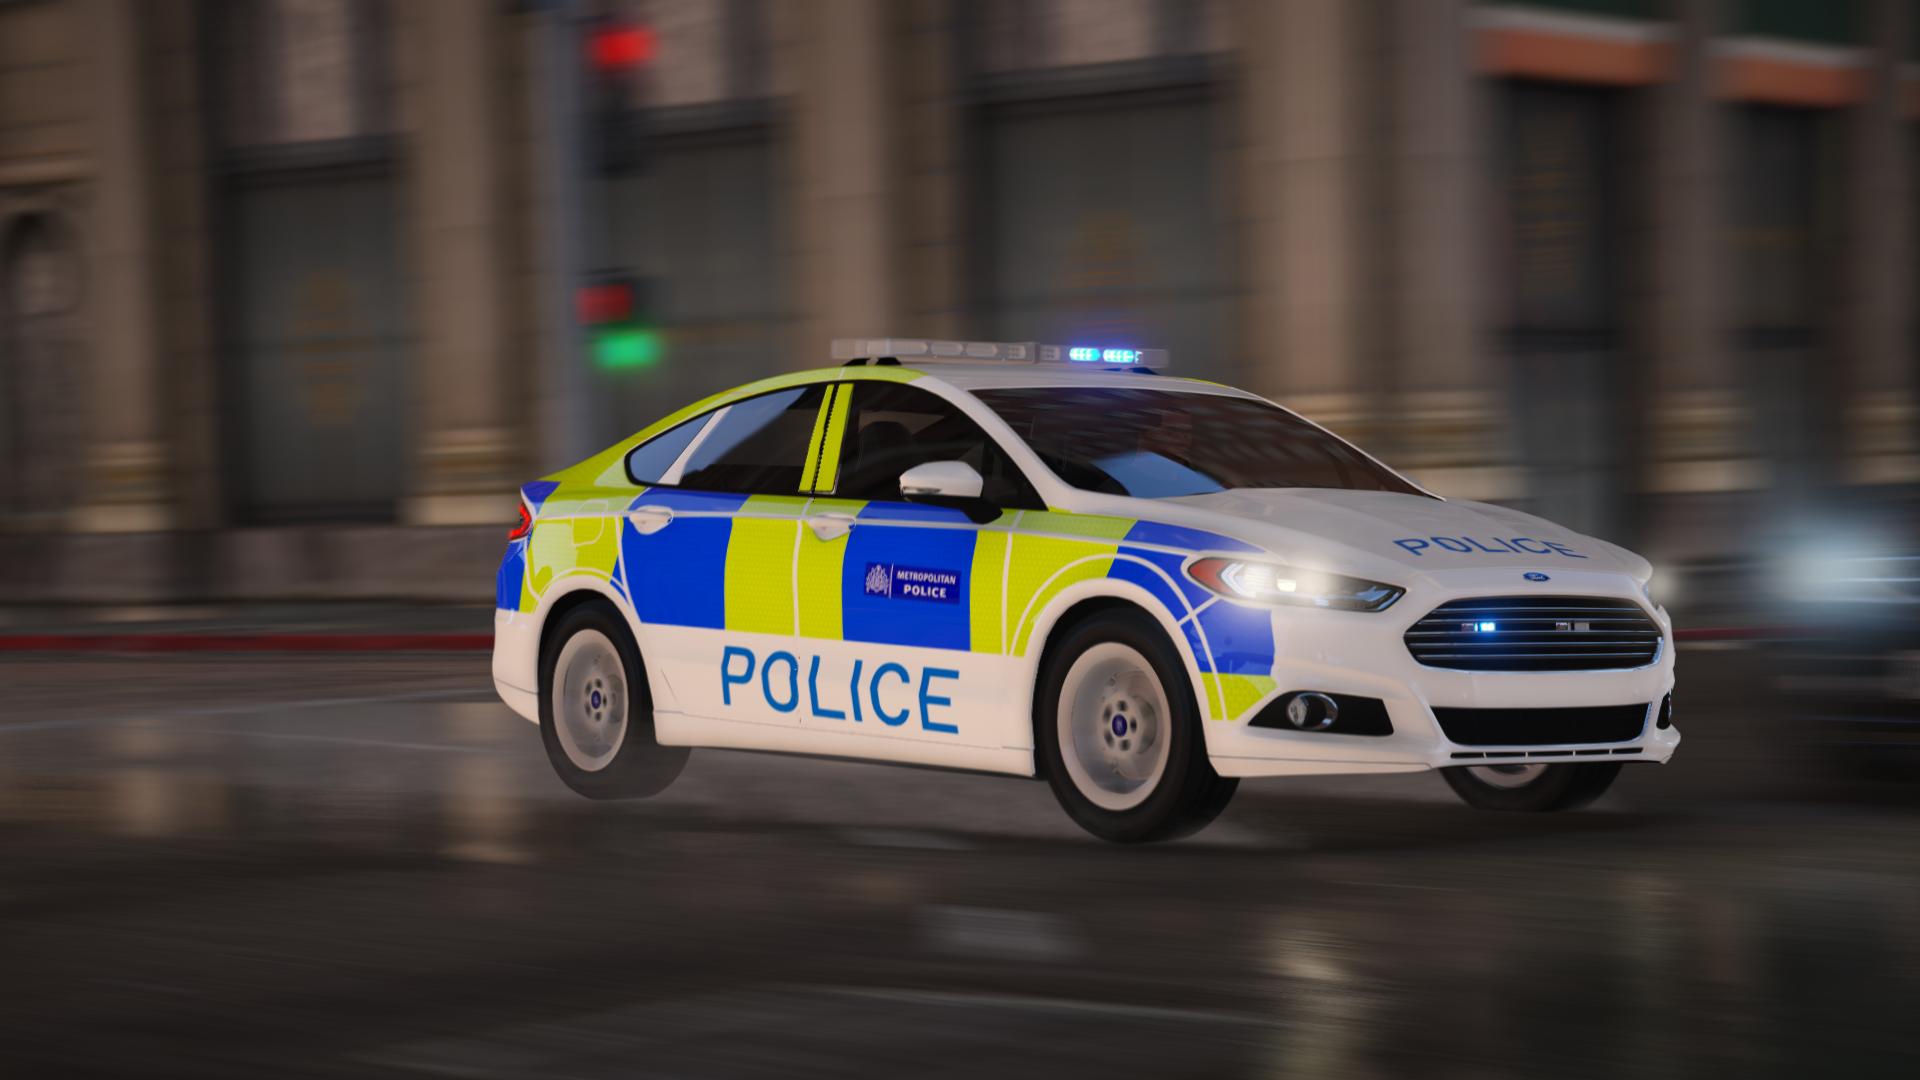 2017 Ford Mondeo Fictional Police Car Gta5 Mods Com